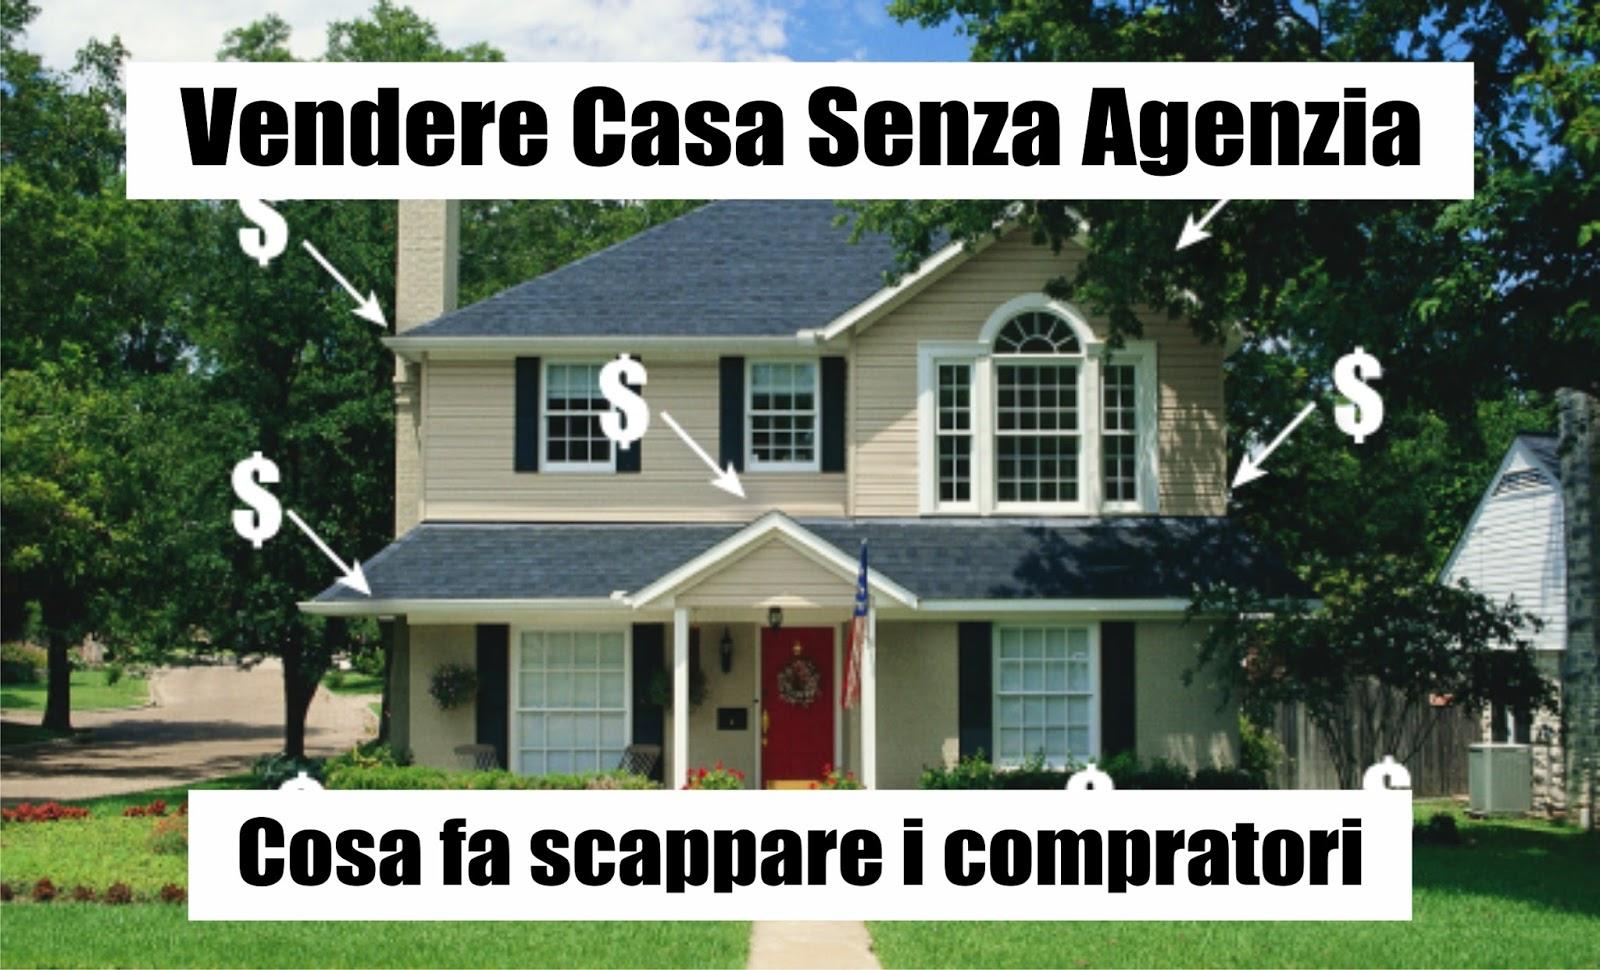 Come vendere casa senza agenzie ecco cosa fa scappare i compratori home staging italia - Come vendere casa ...